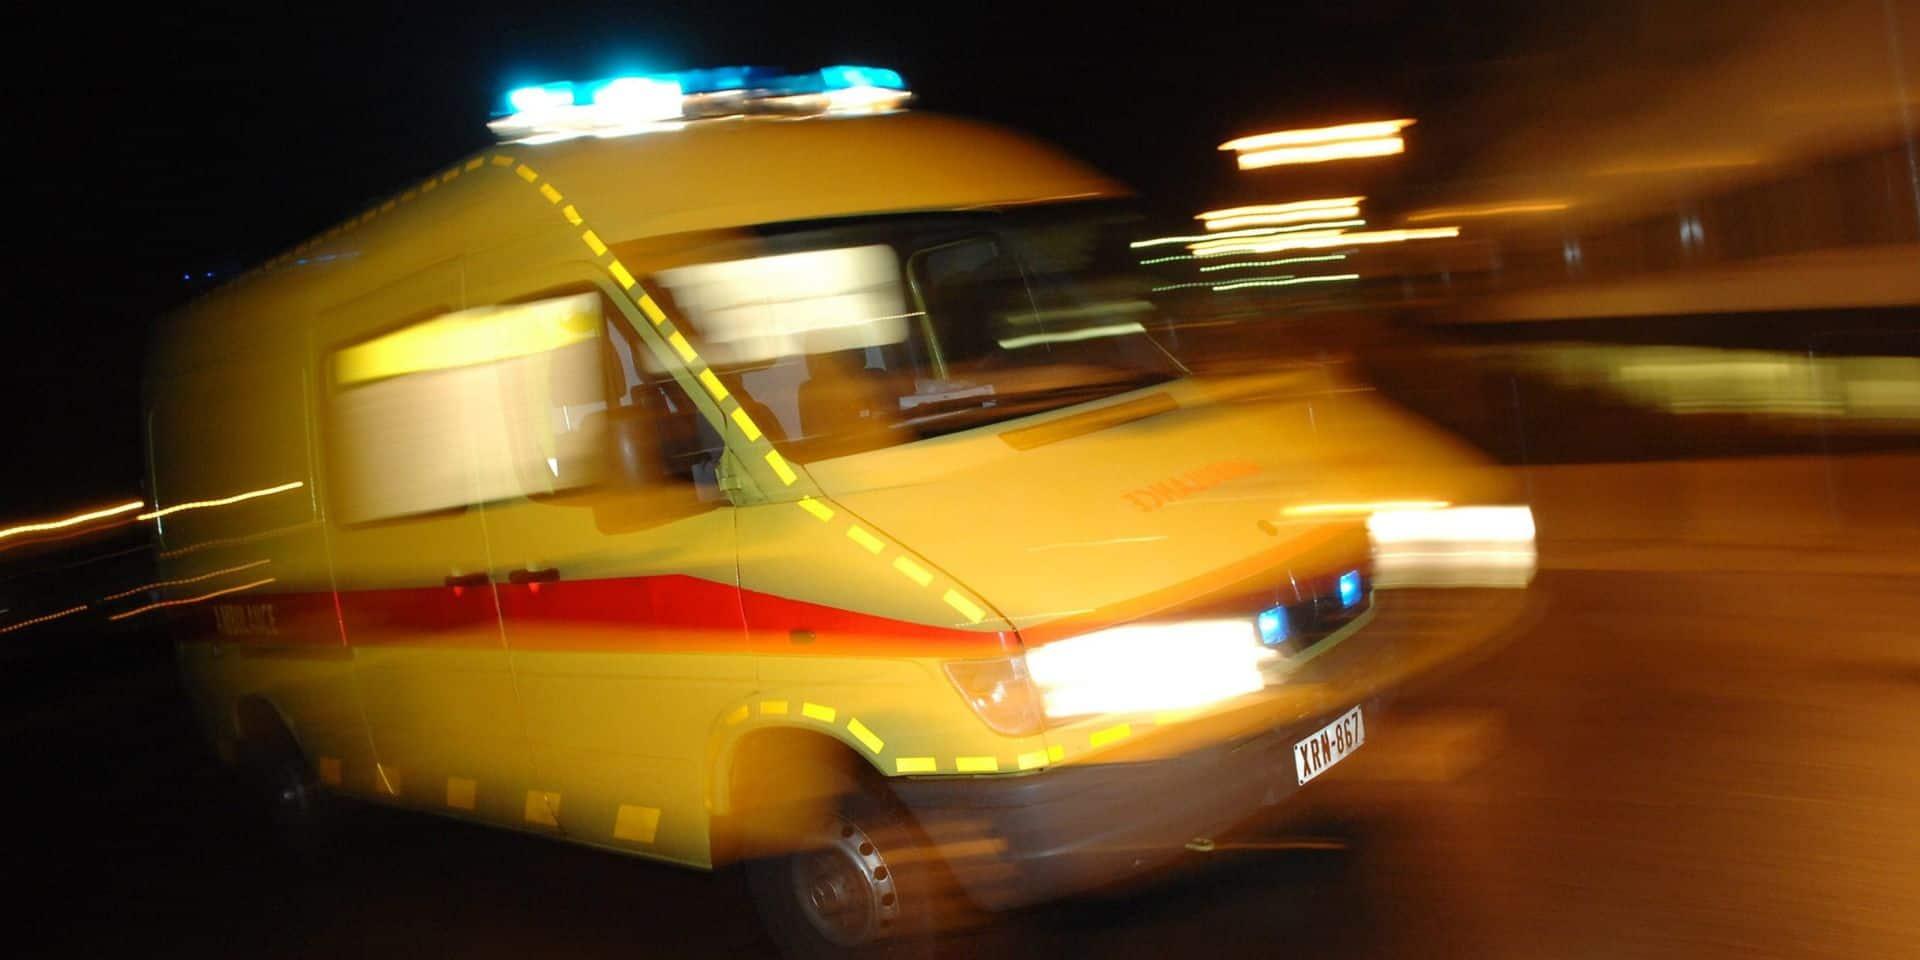 Une jeune fille grièvement blessée après avoir été renversée par une voiture à Amay